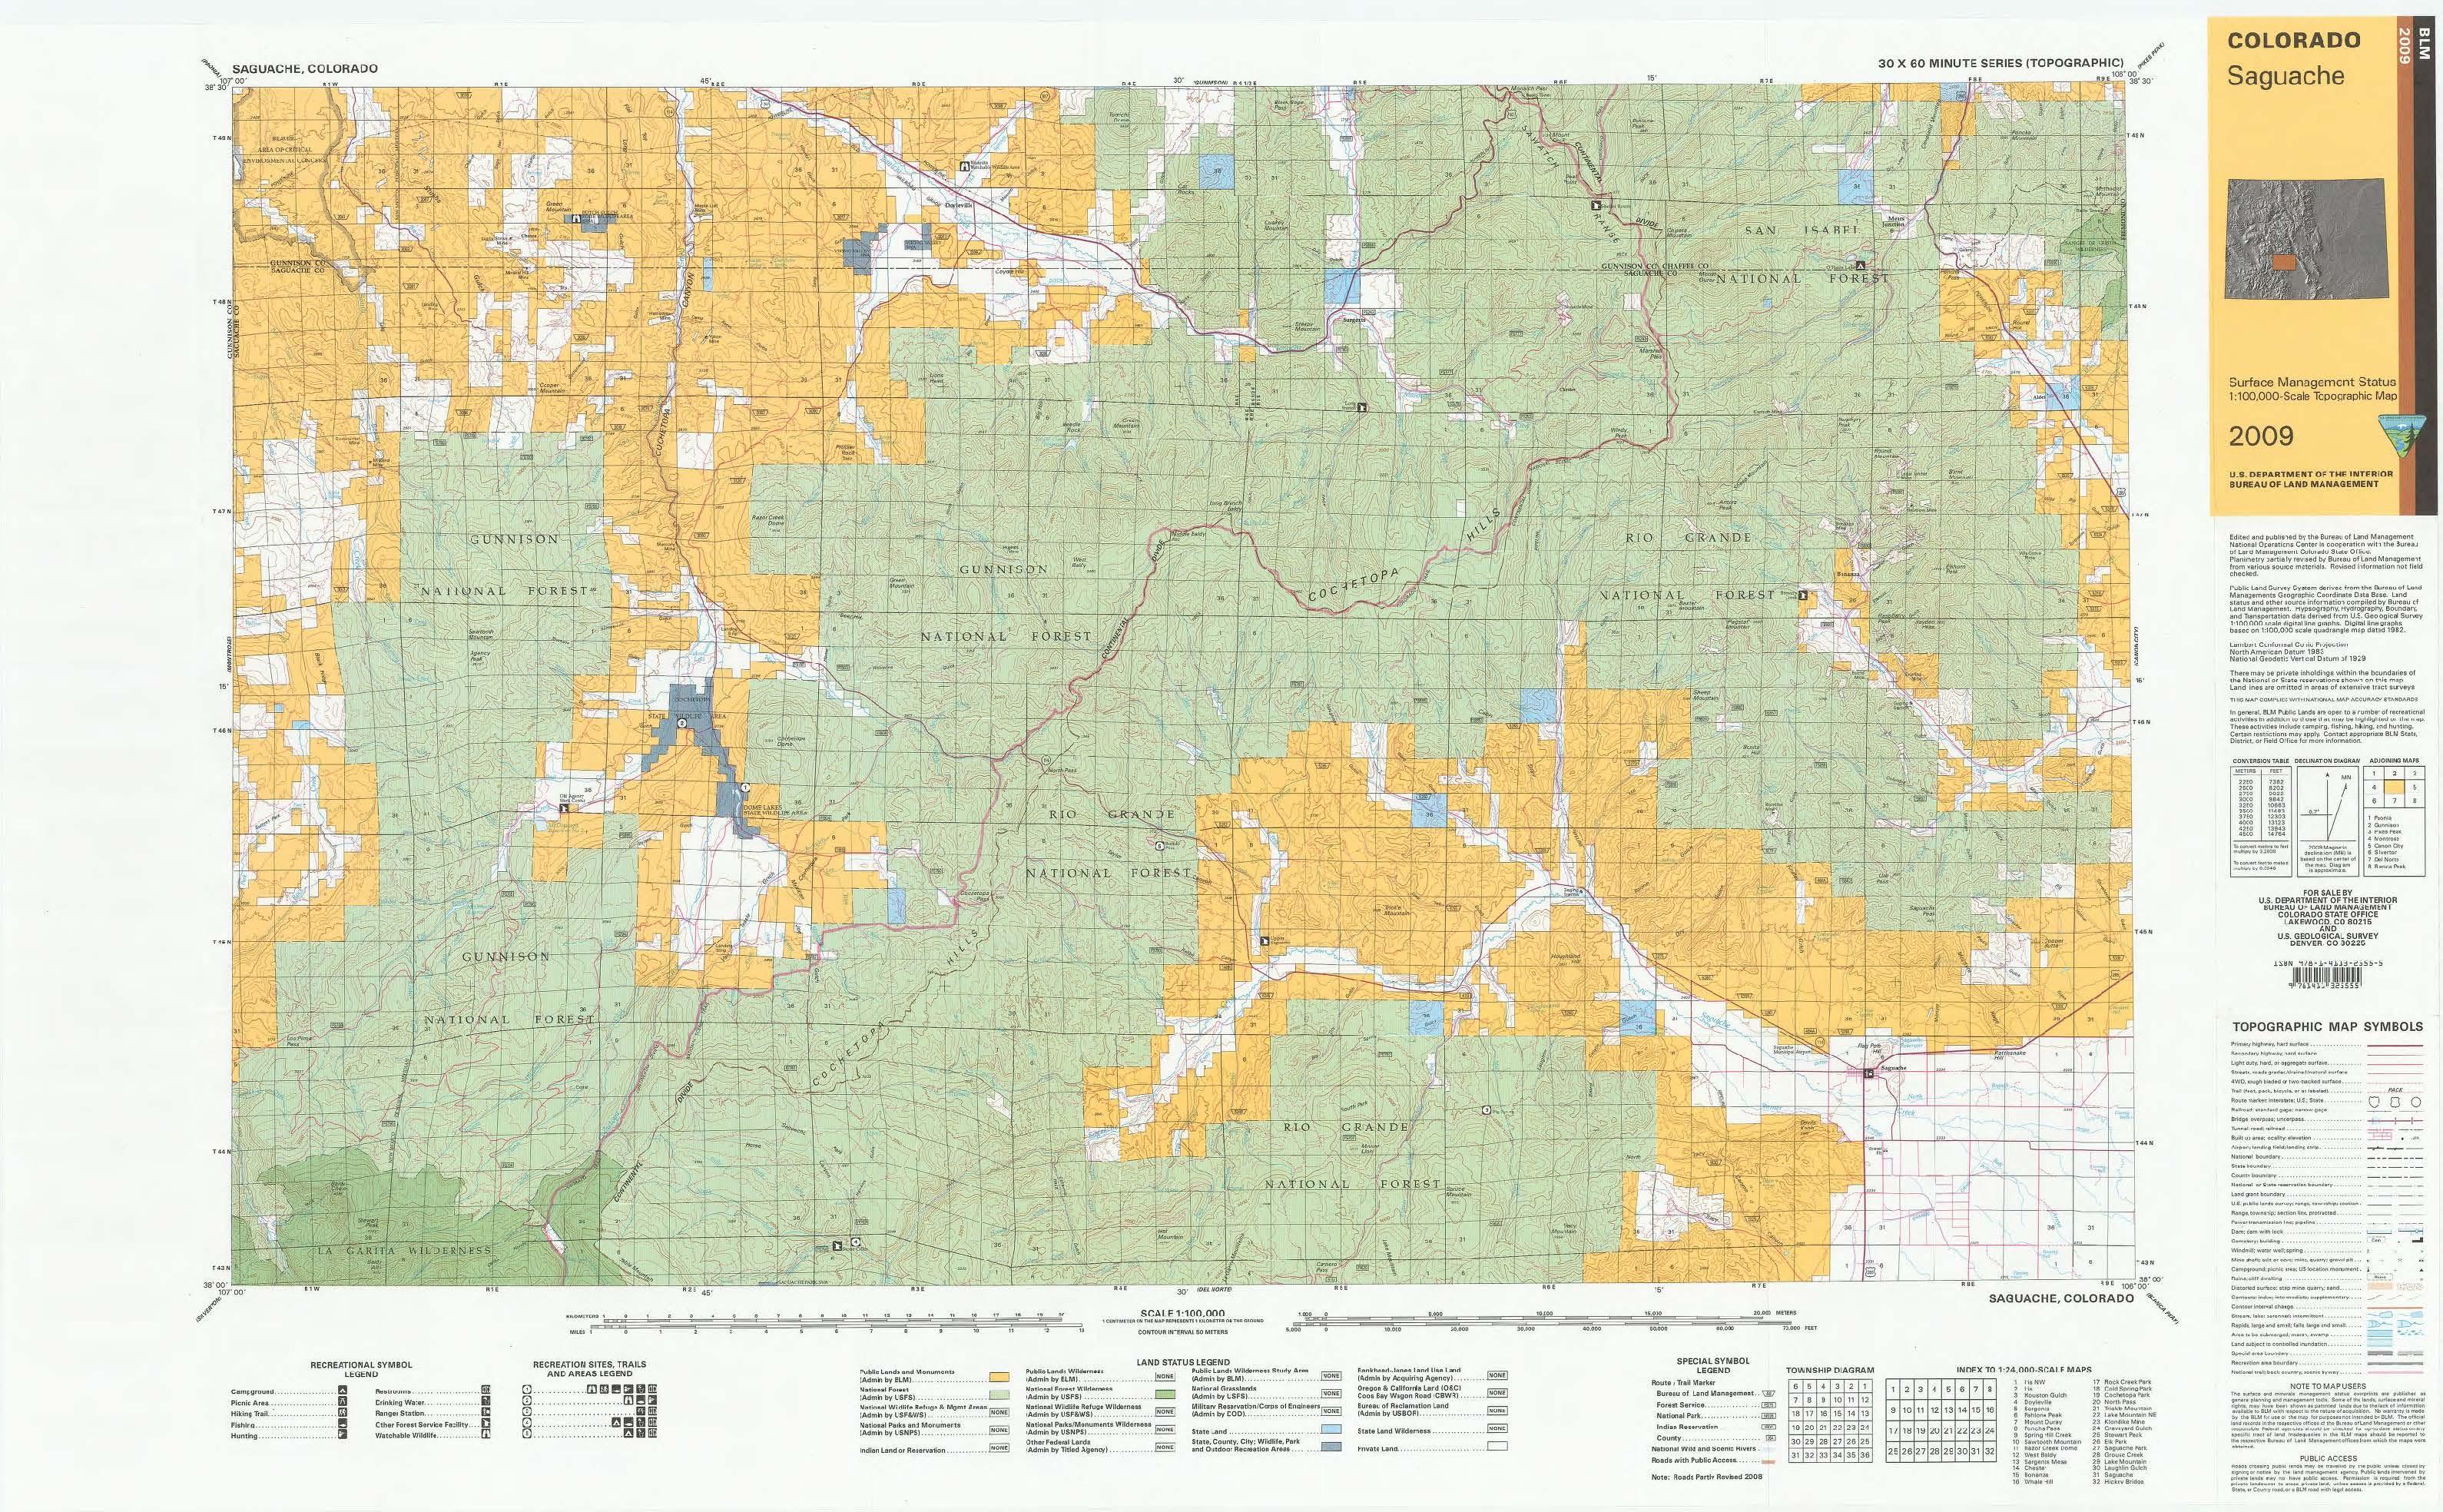 Blm Colorado Map CO Surface Management Status Saguache Map | Bureau of Land Management